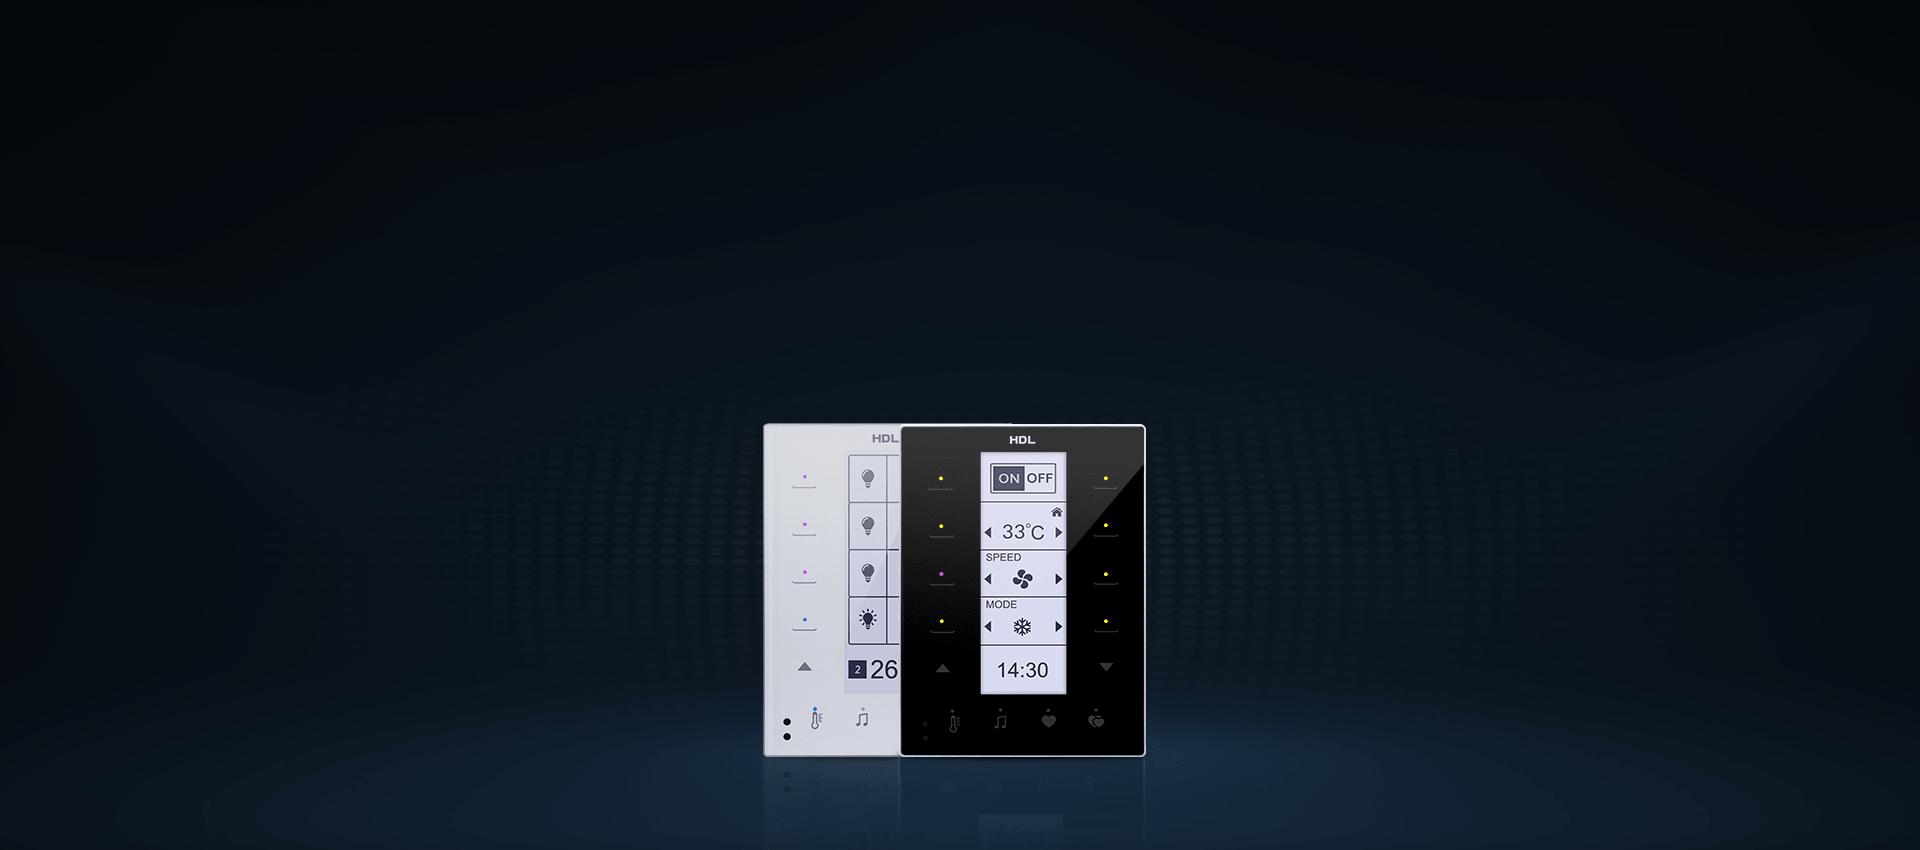 کلید هوشمند و لمسی DLP در دو رنگ دیفالت مشکی و سفید ارائه شدهاند.